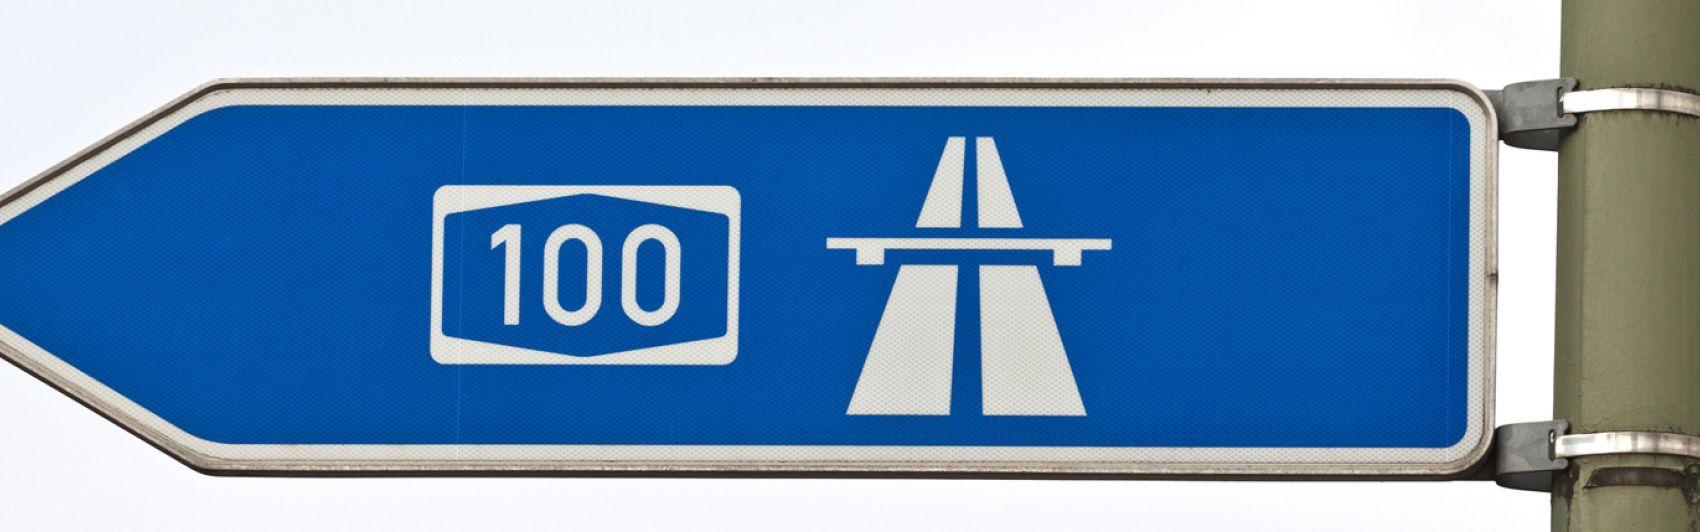 Wegweiser, A100, Autobahn